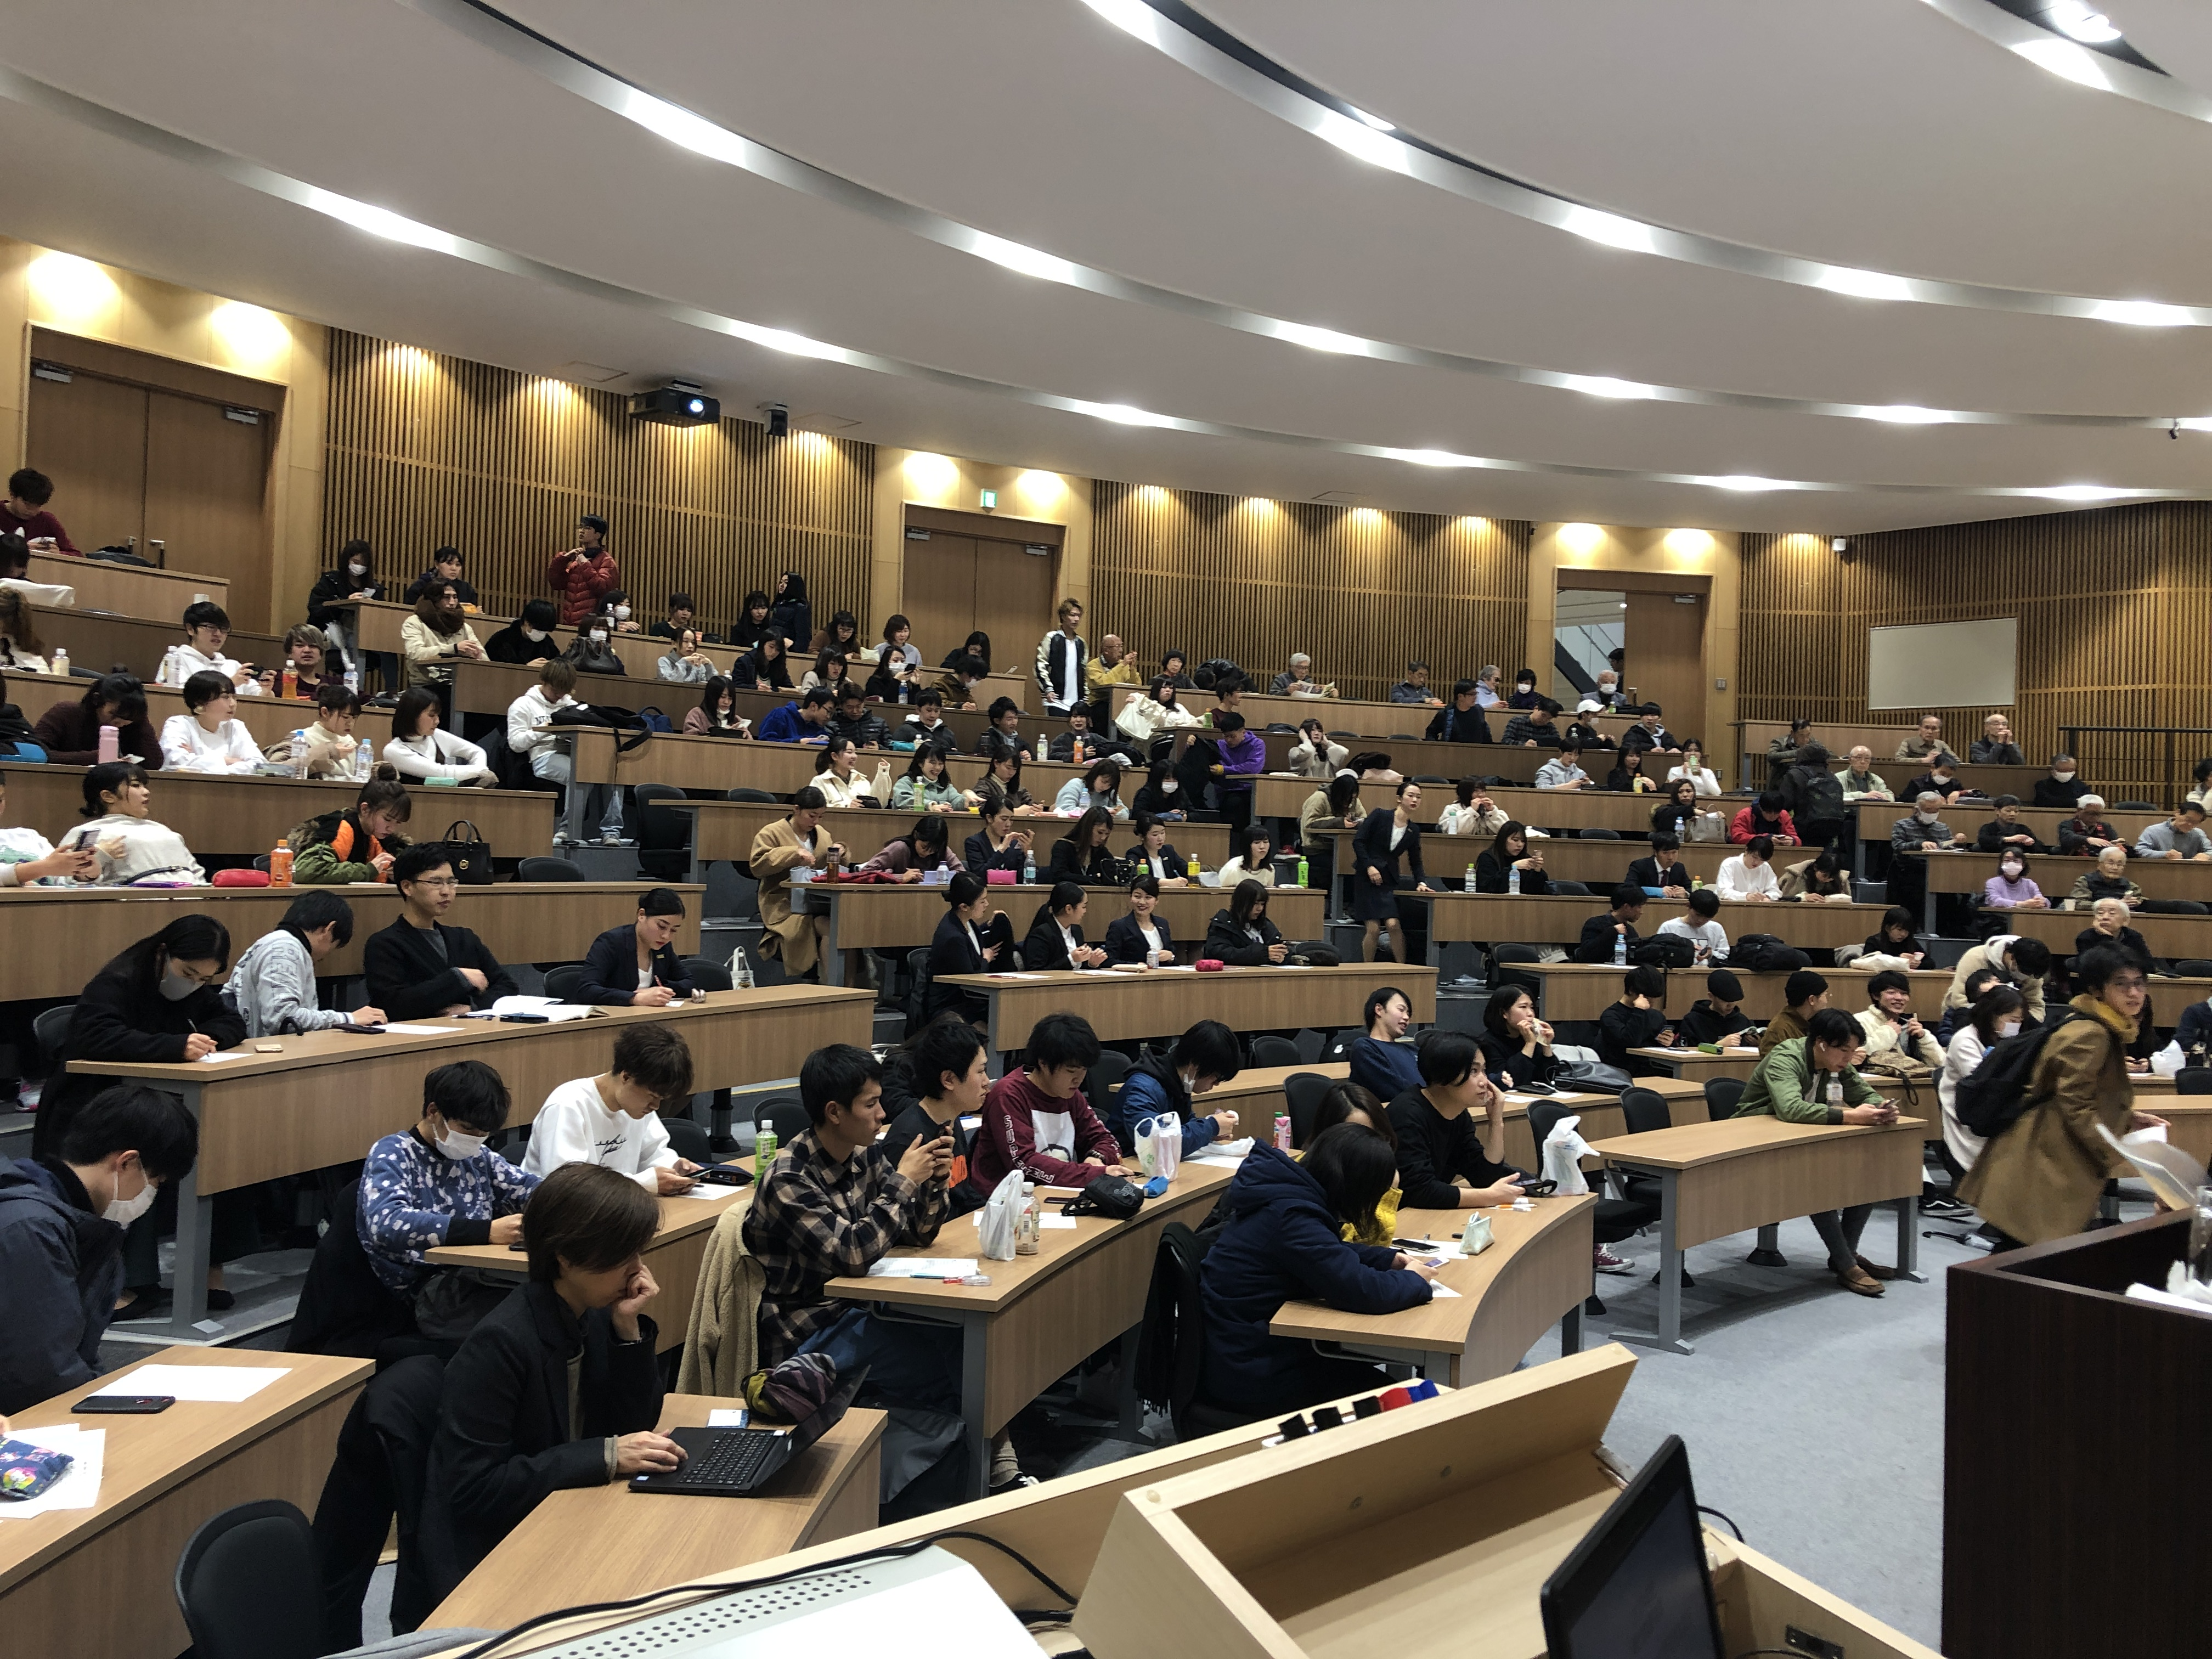 亜細亜大学『現代教養特講(武蔵野市寄付講座)』にて講義を行いました。